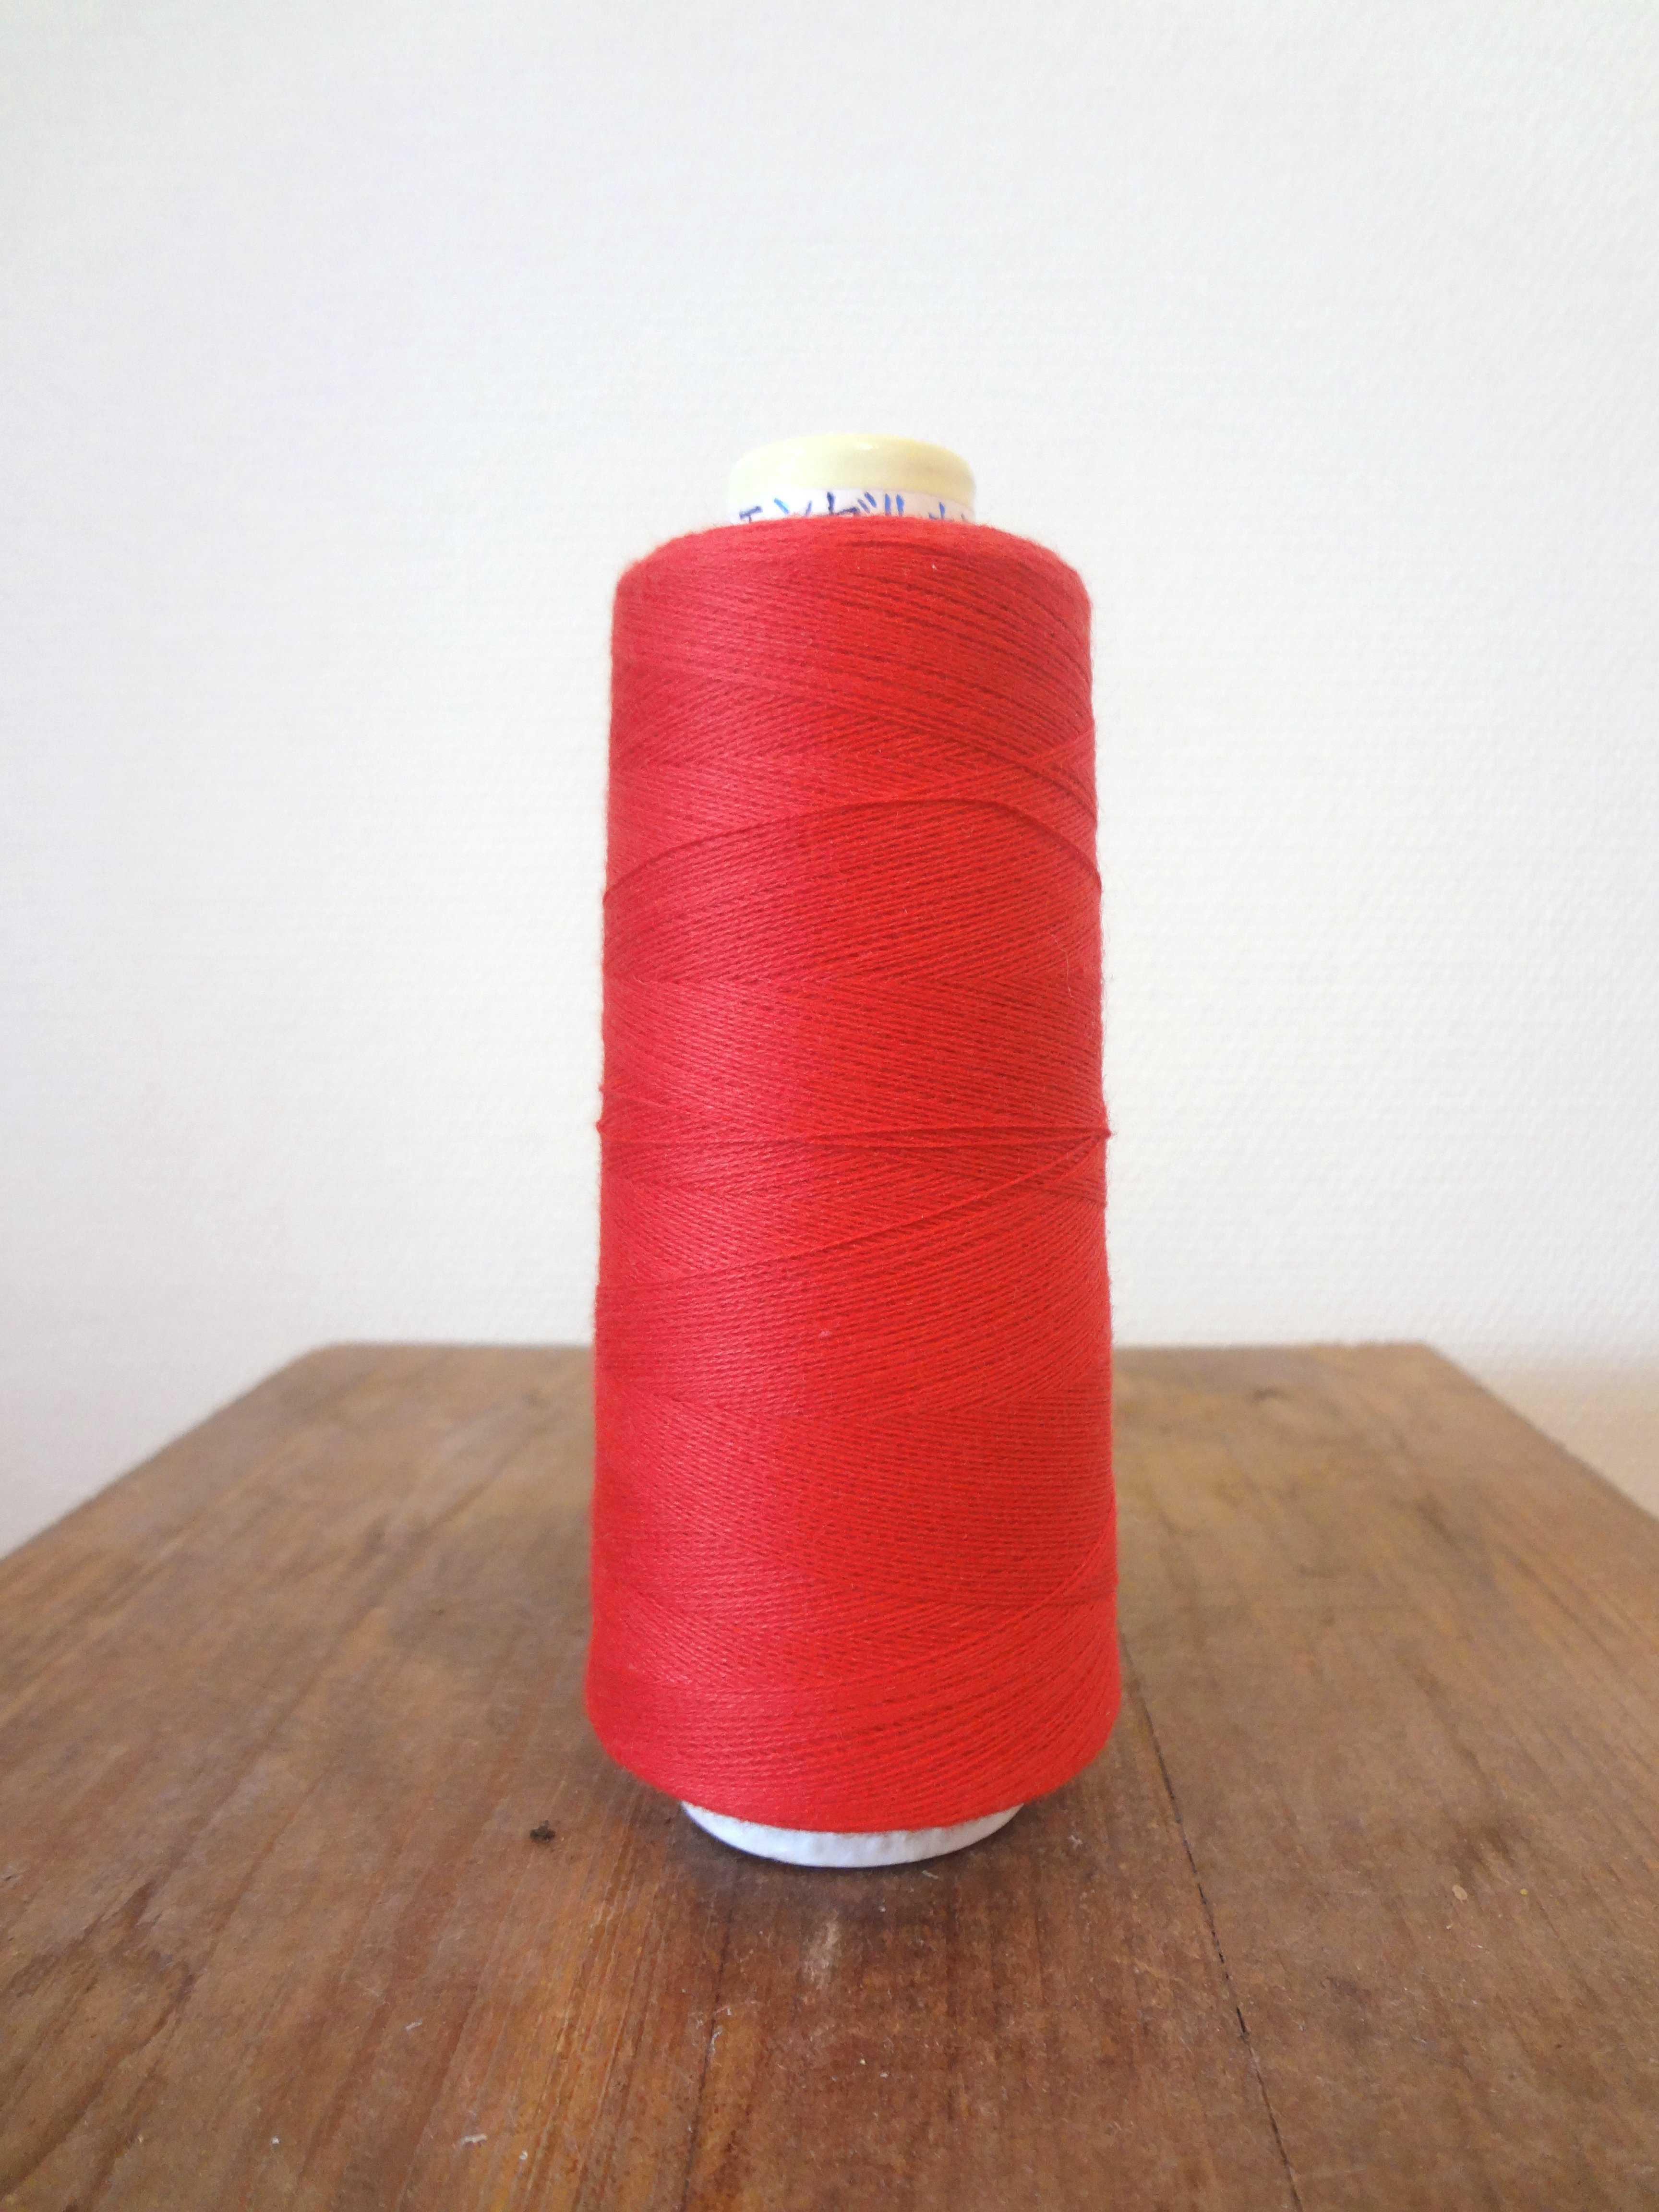 コットンライン#30 綿ミシン刺繍糸 158番(赤)